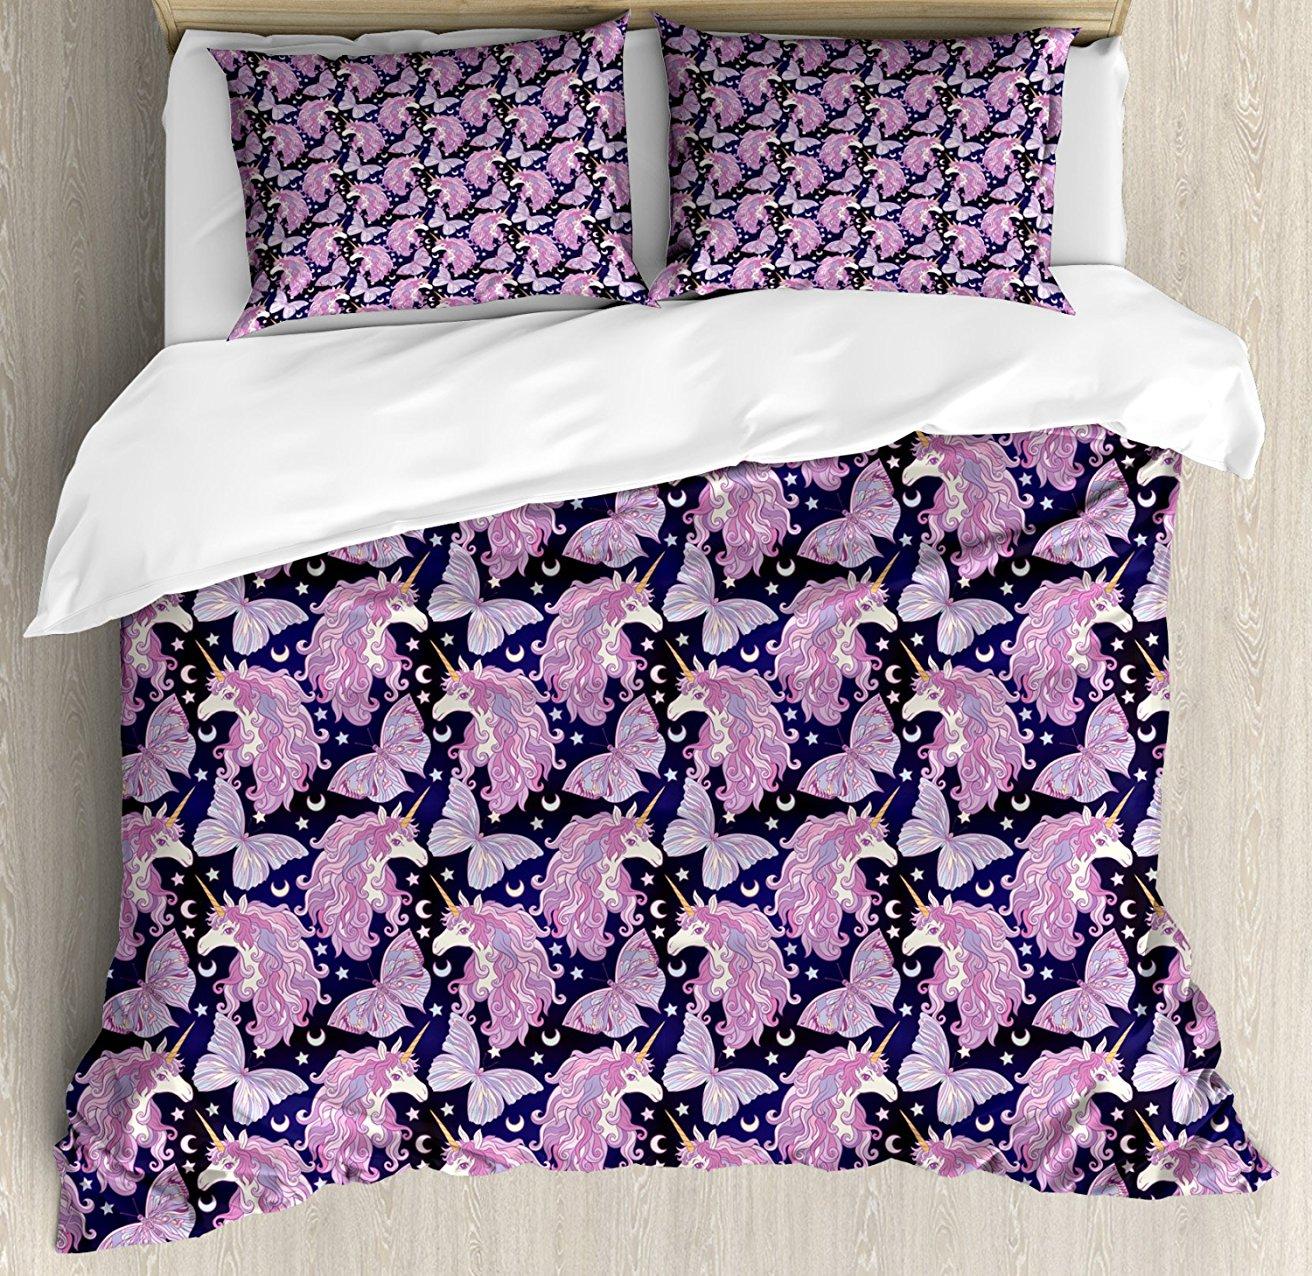 Единорог постельное белье мифическое животное с красочными грива бабочки звезды полумесяцы мир фантазий 4 шт. Постельное белье